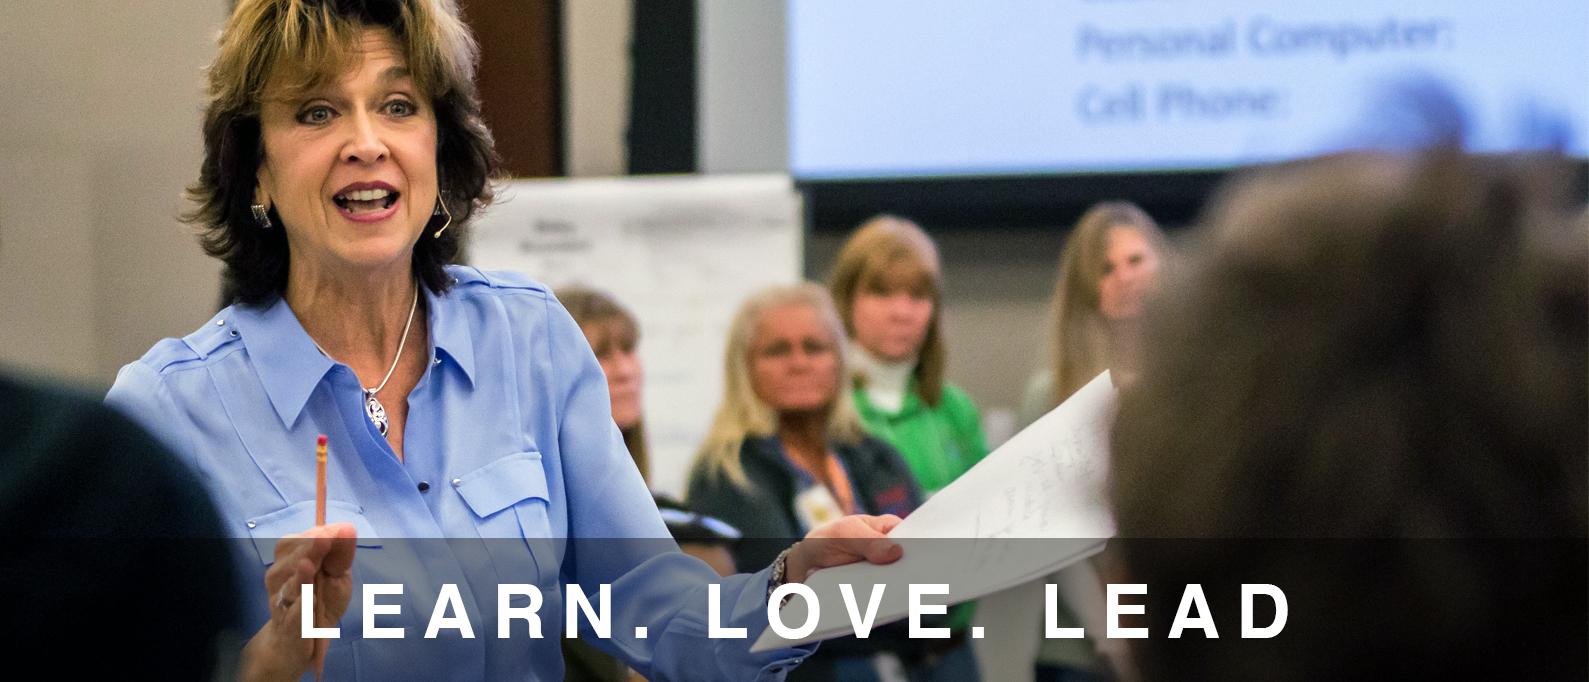 LearnLoveLead